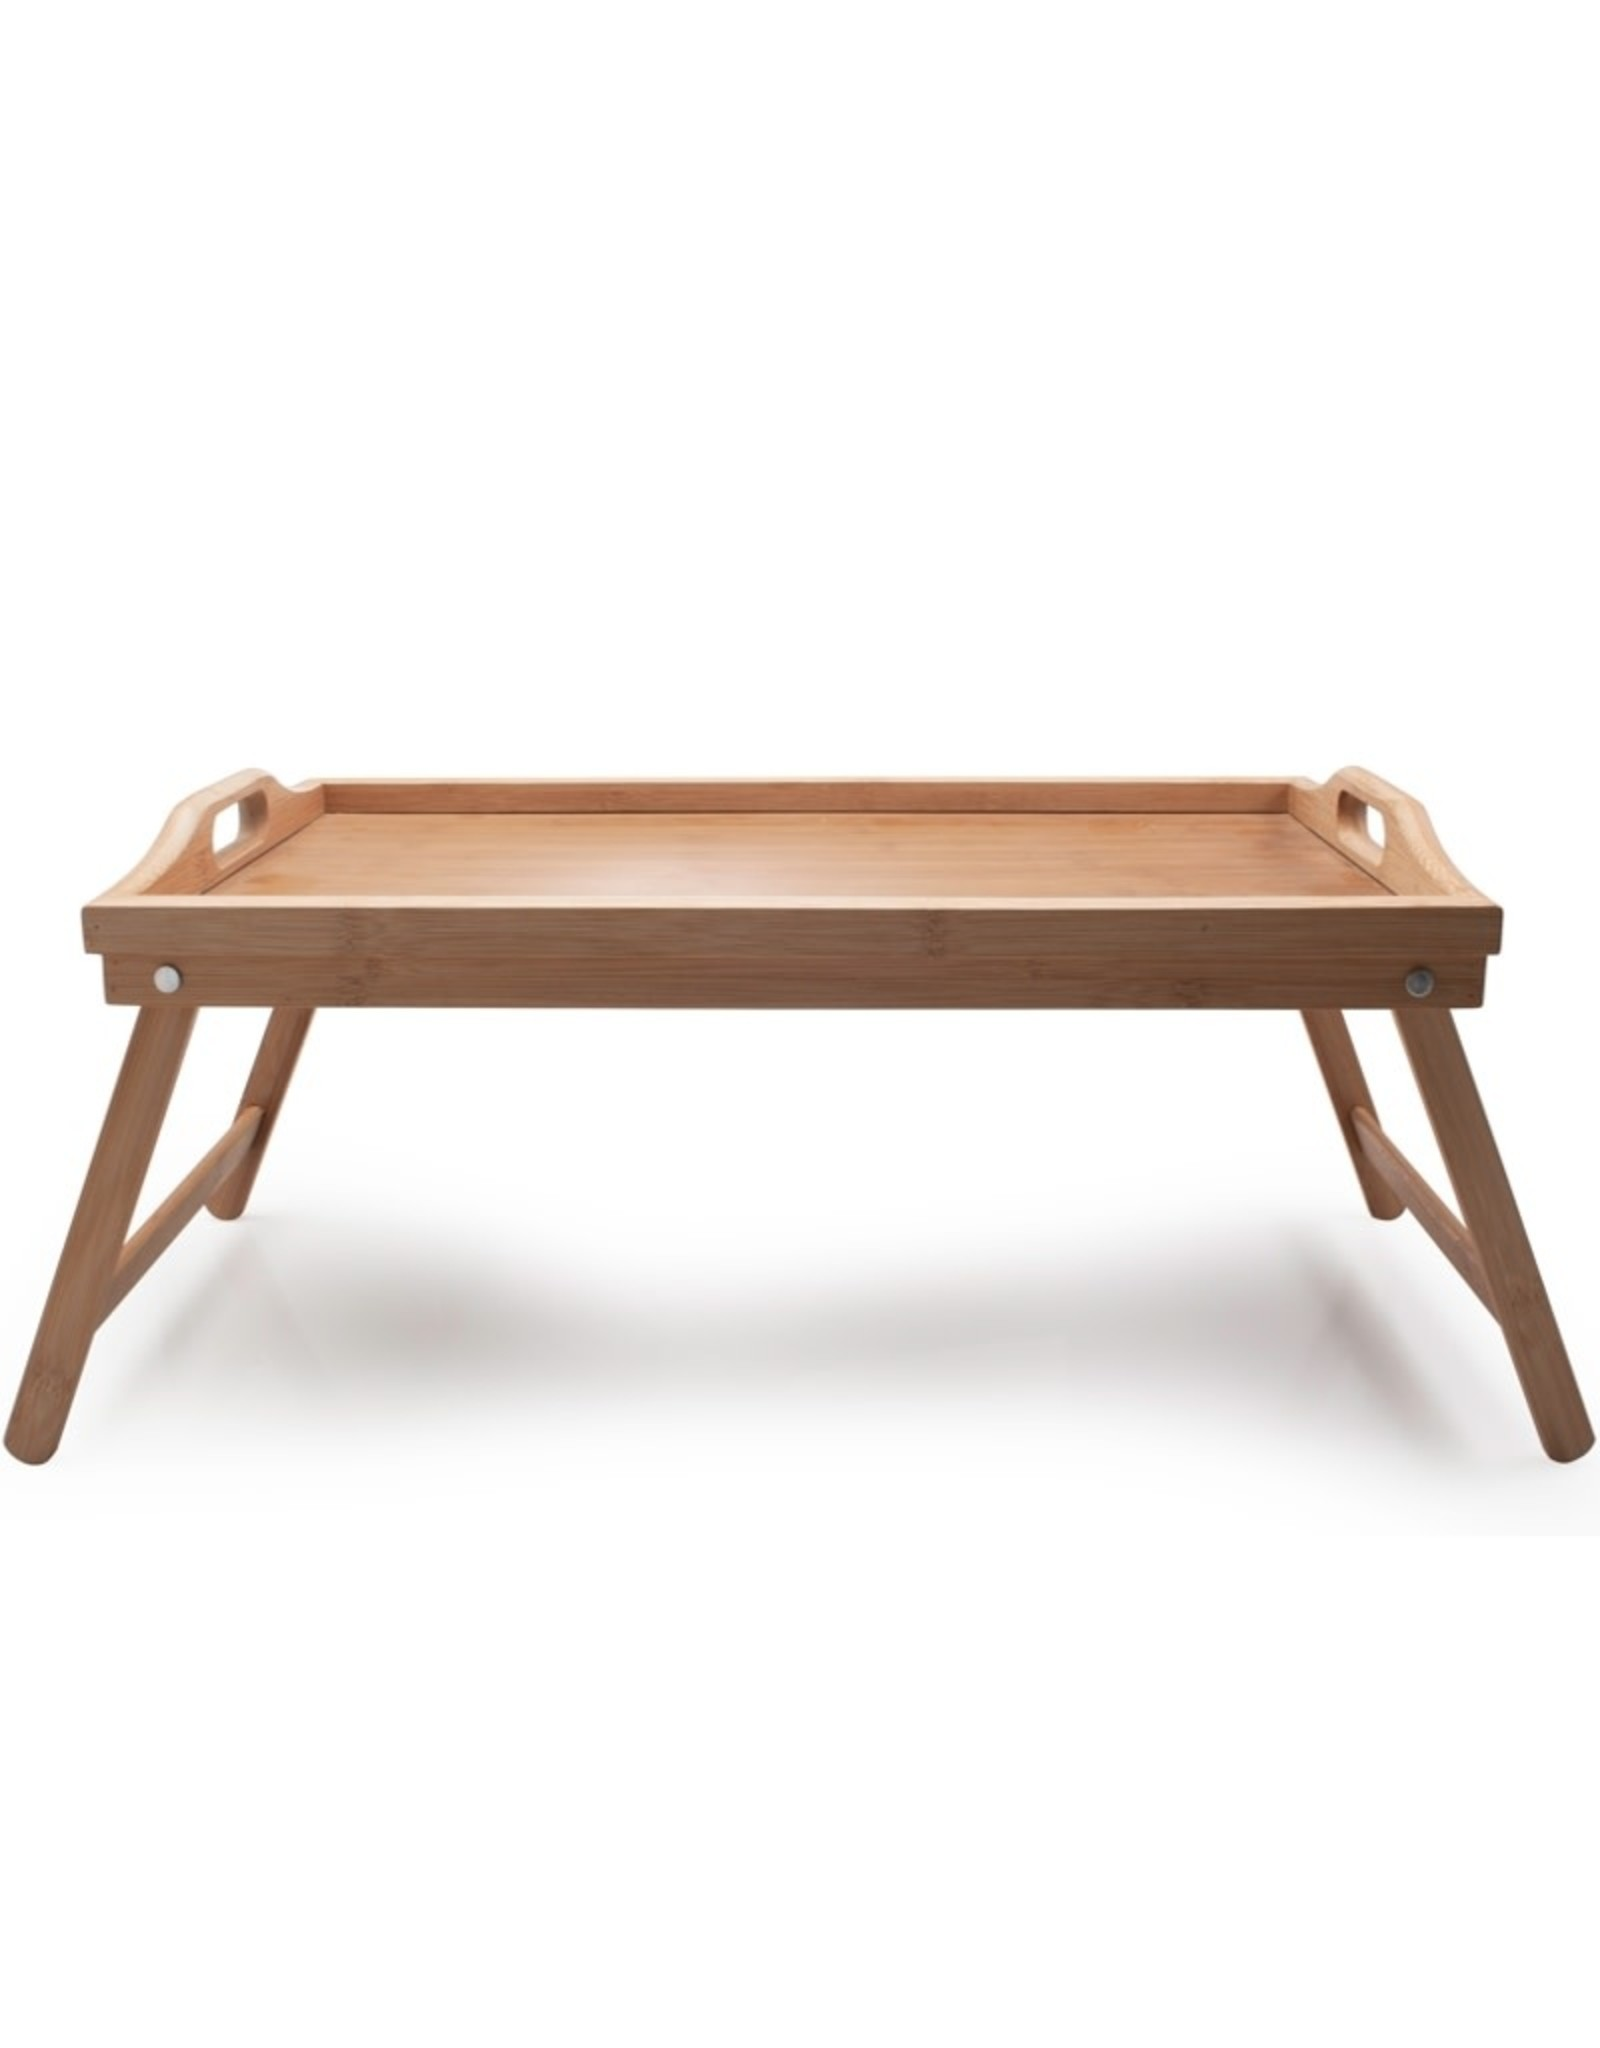 Folding Breakfast Tray - Wooden